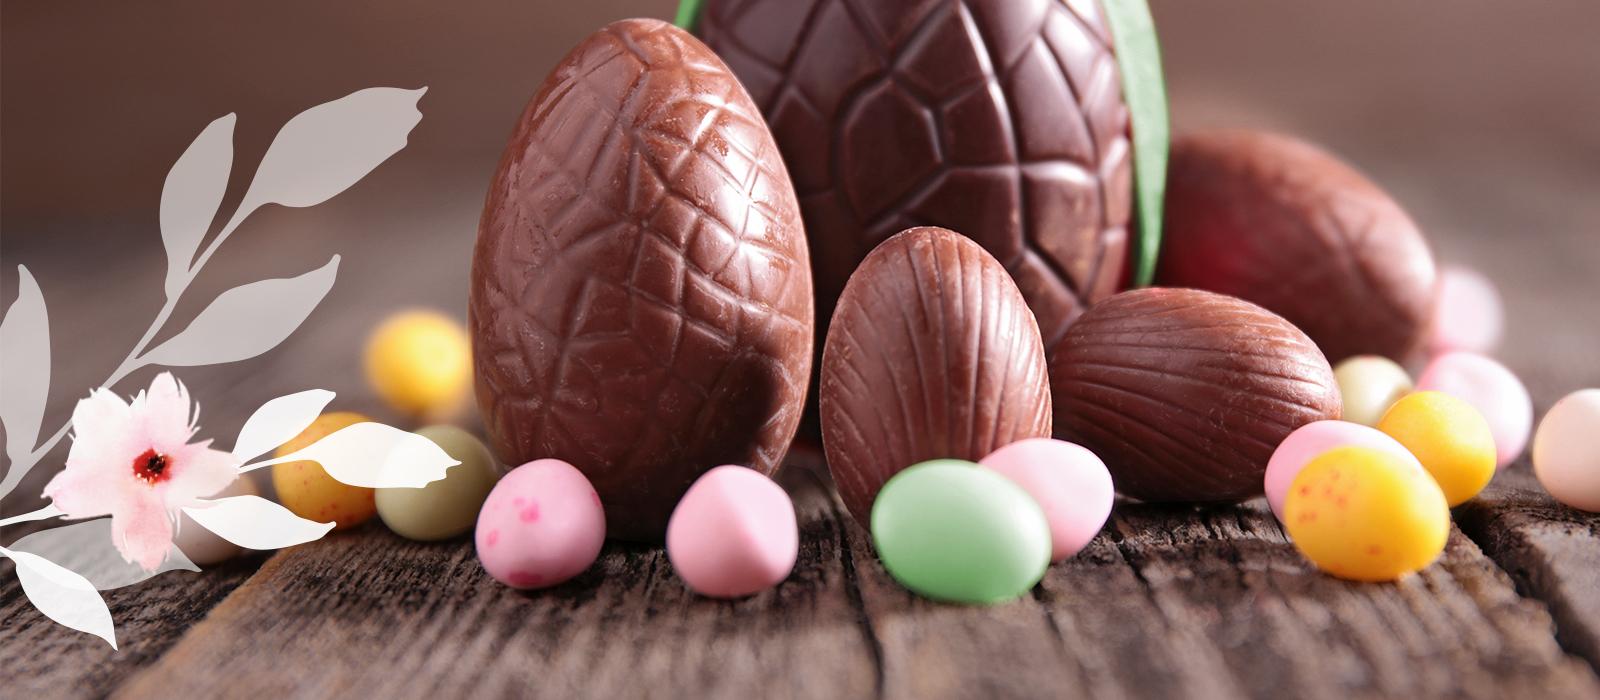 Köstliche Ostern